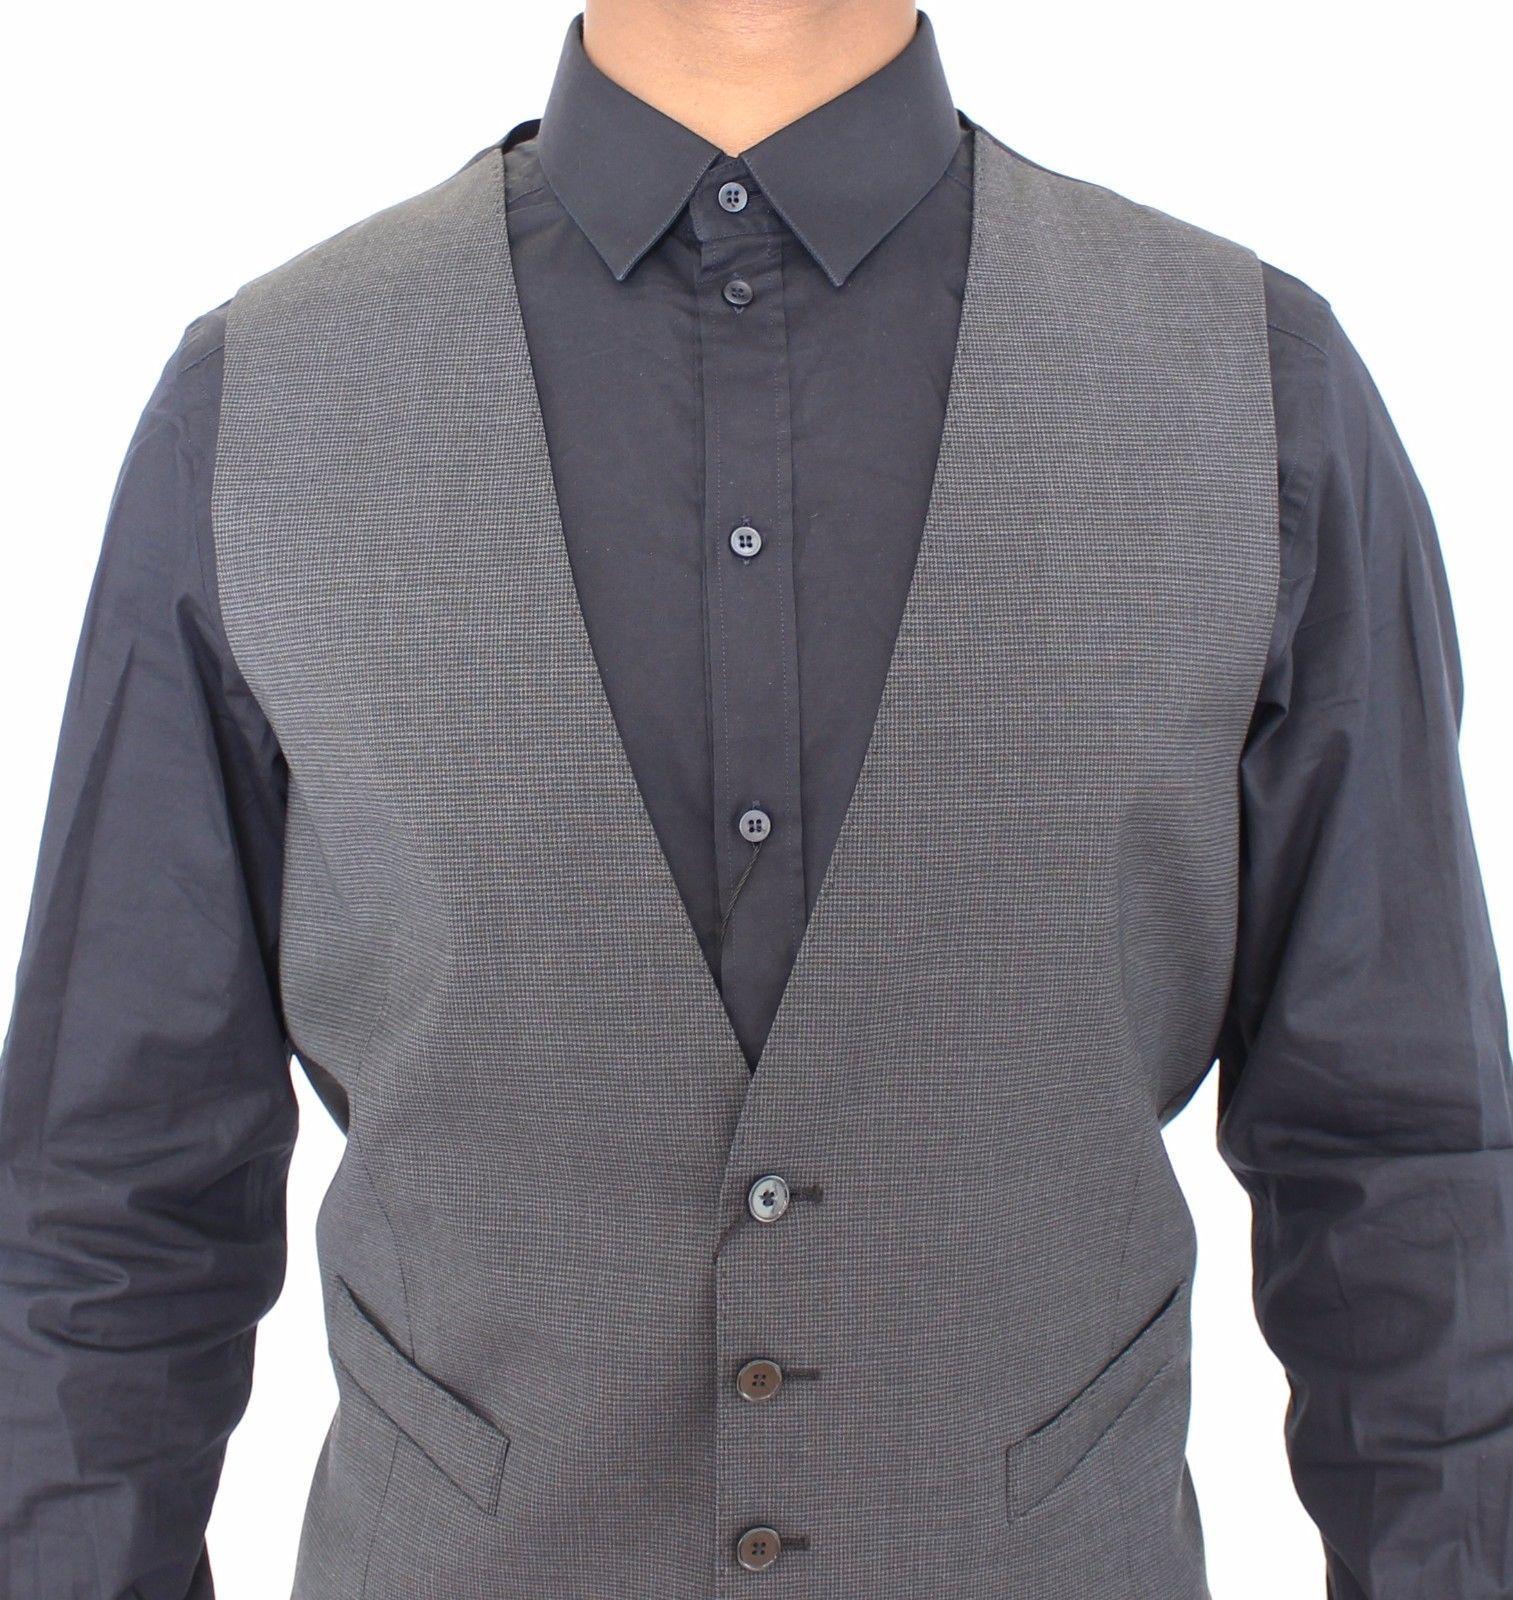 Dolce & Gabbana Gray Stretch Formal Dress Vest Gilet